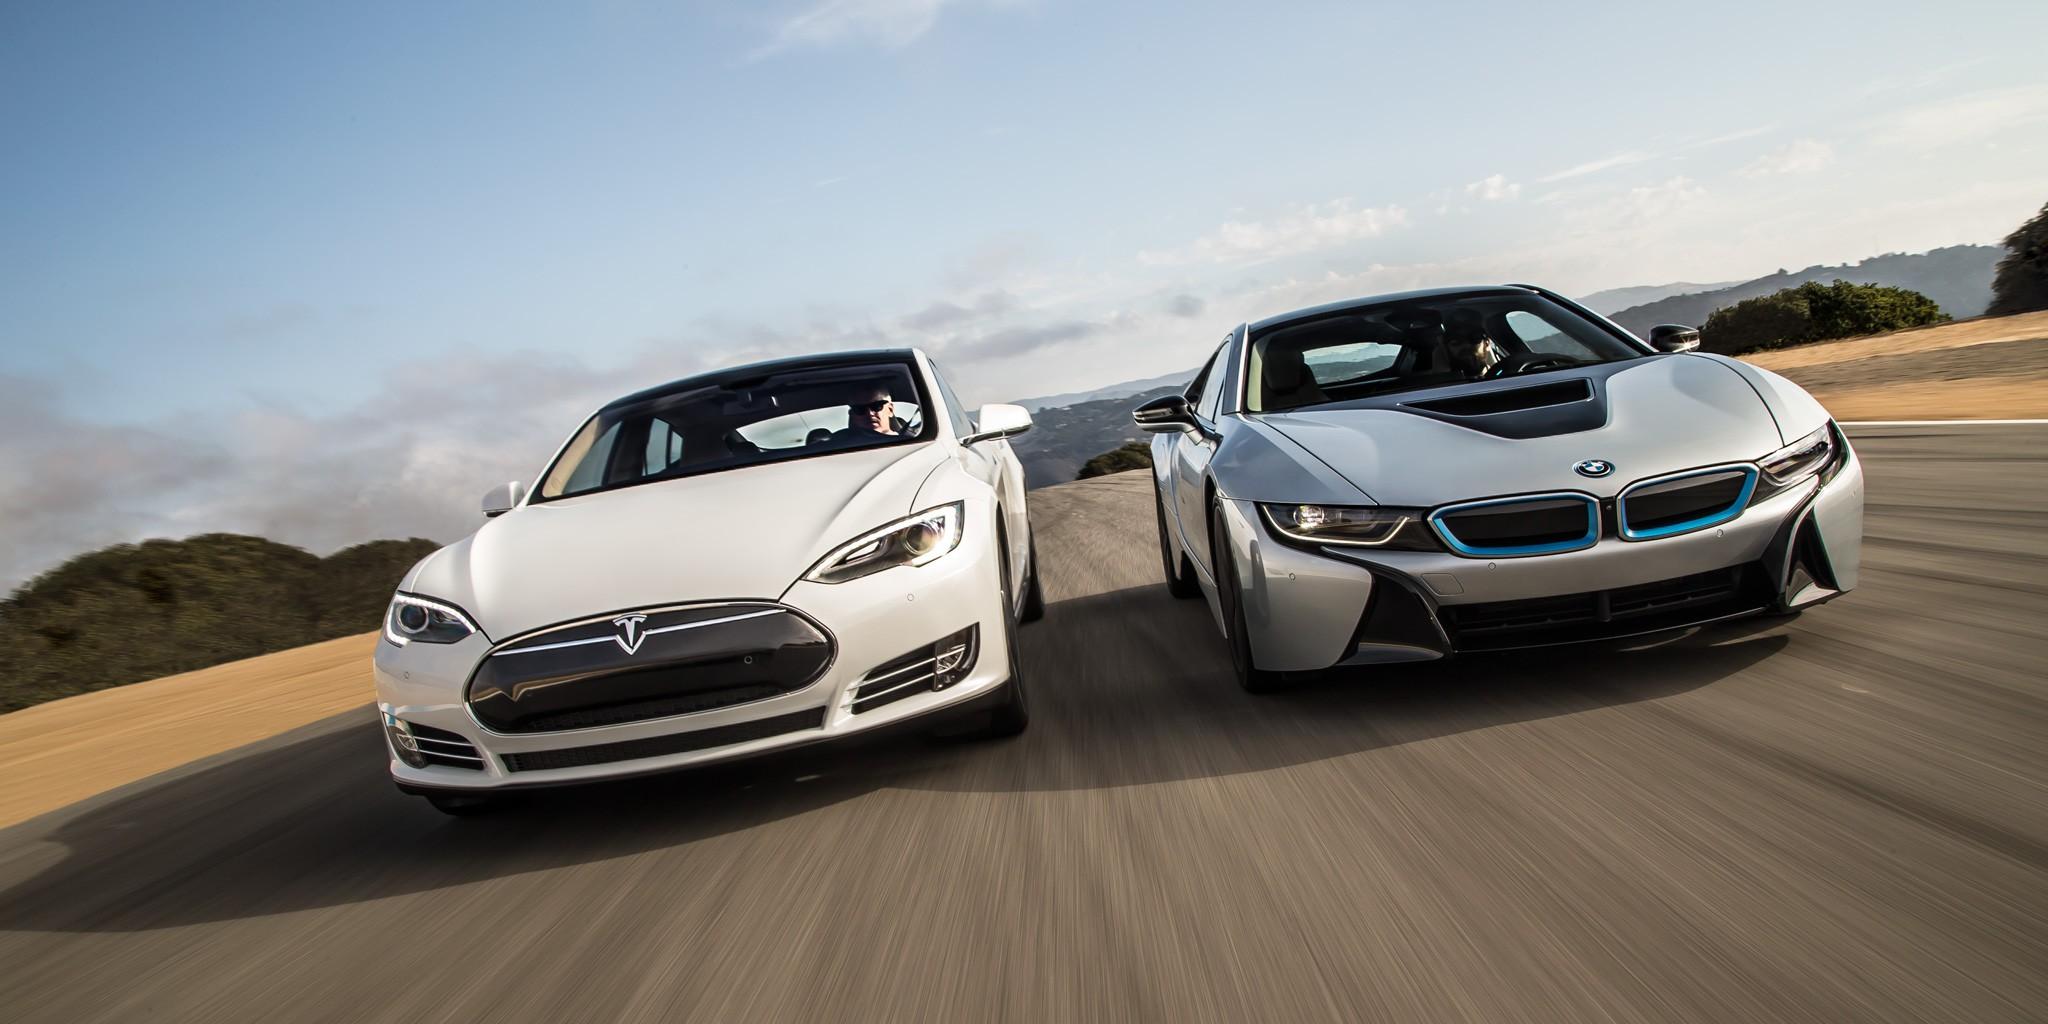 BMW i8 Tesla Model S